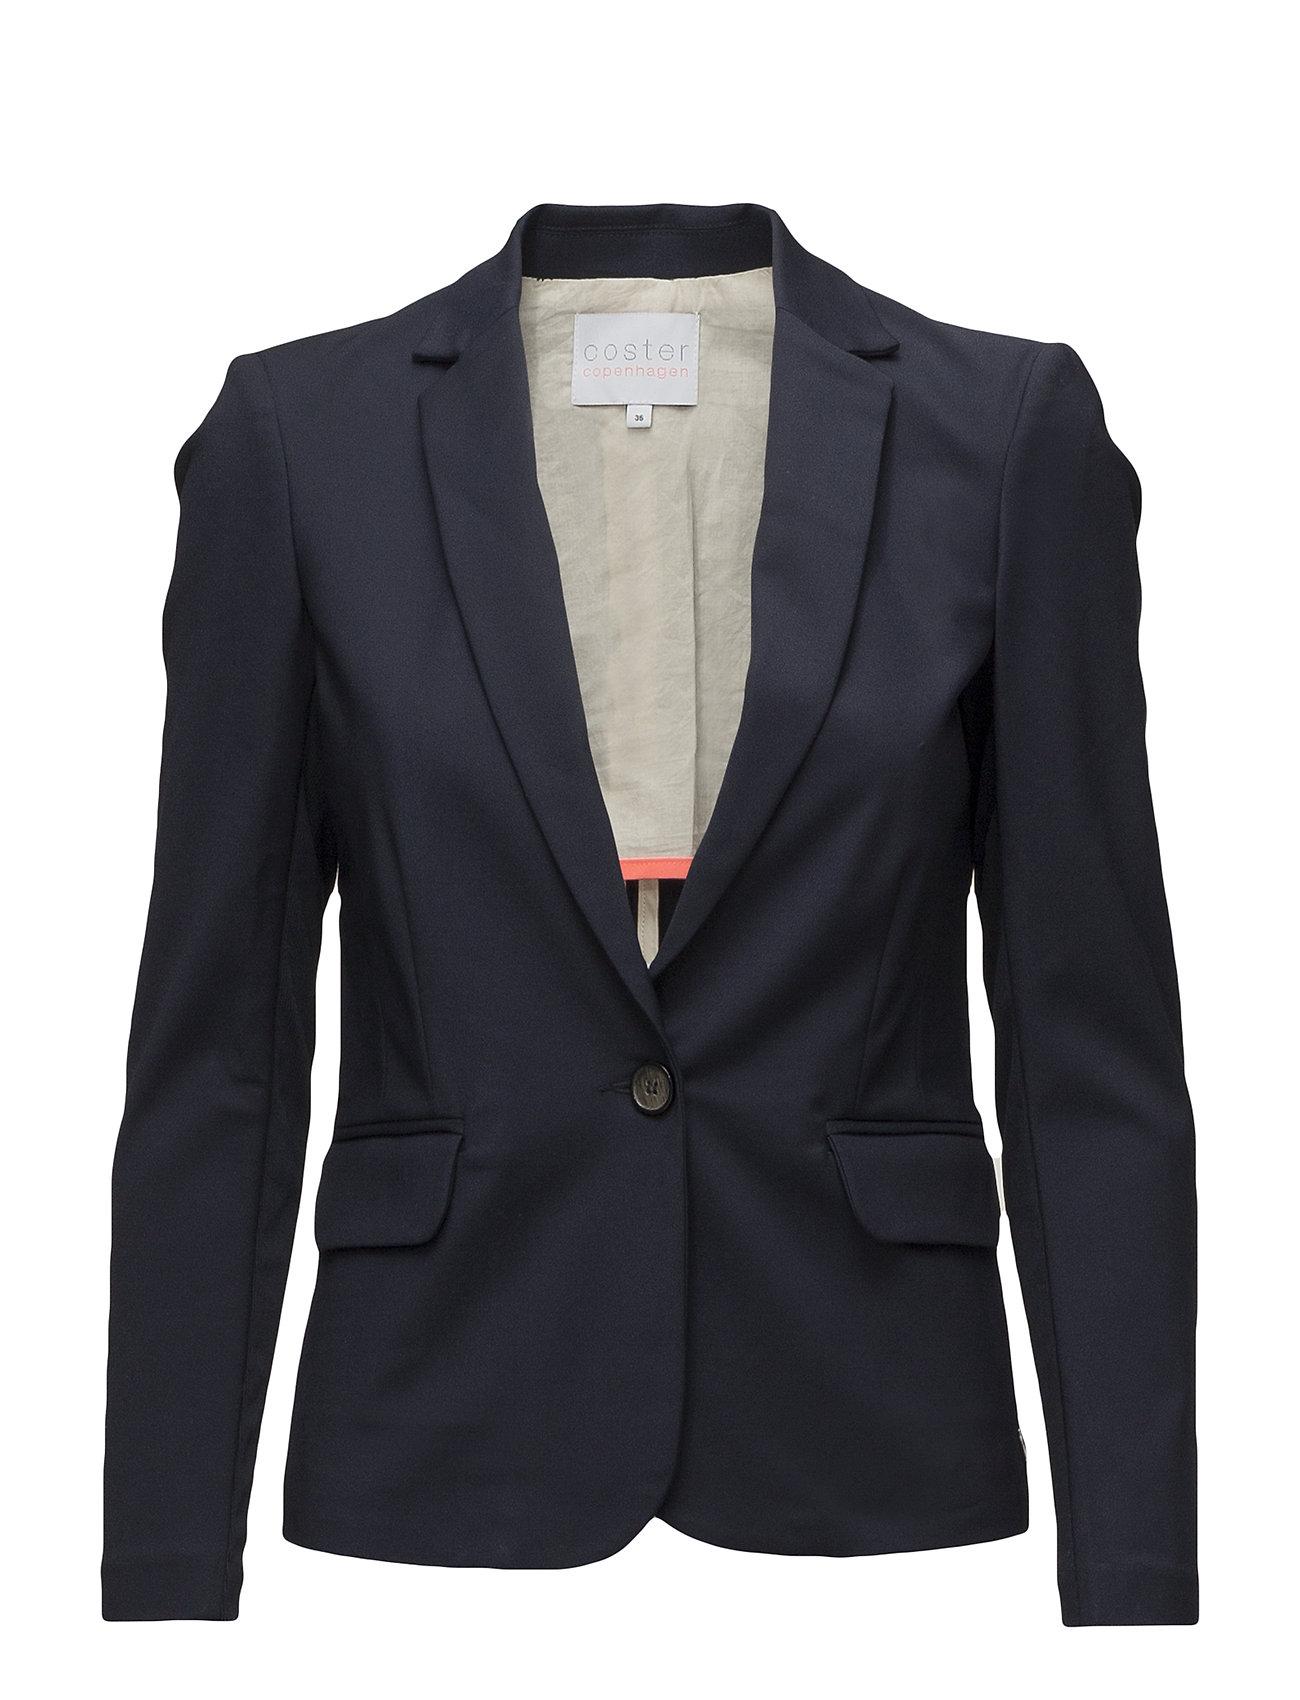 Suit Jacket - Coster Copenhagen